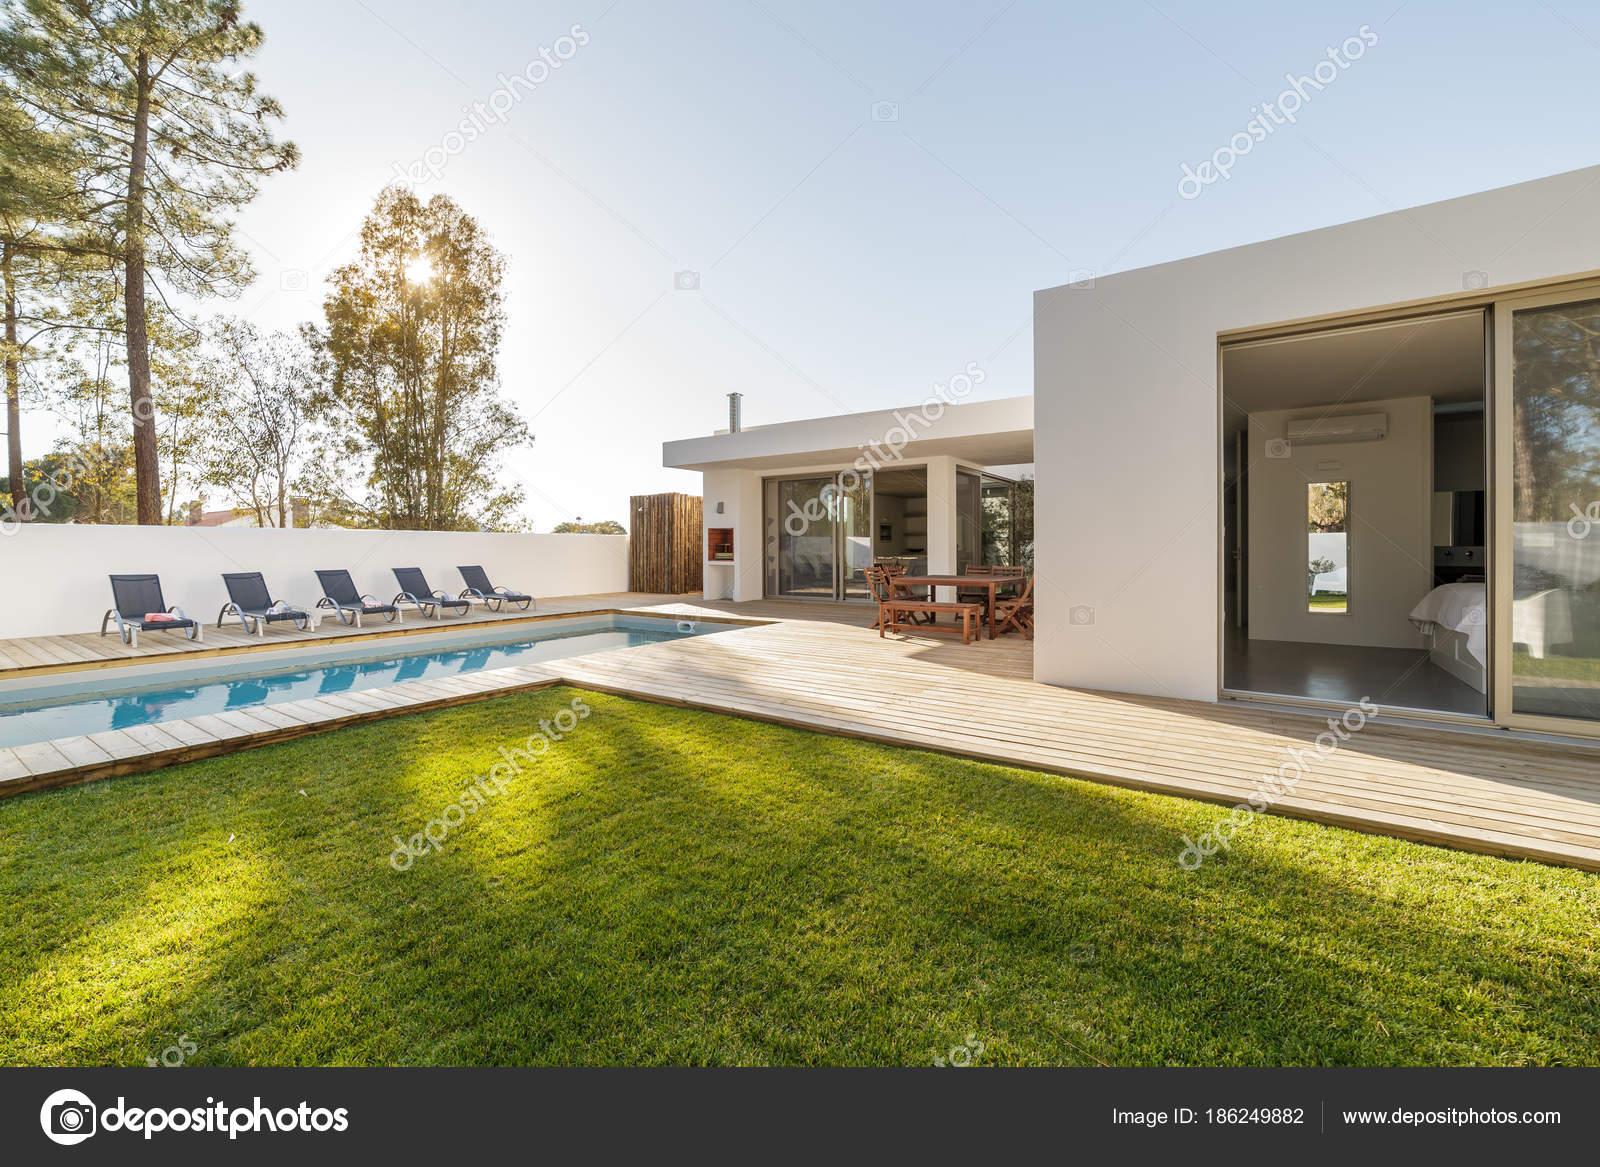 Casa moderna con jard n piscina y deck de madera foto de for Casa moderna jardines